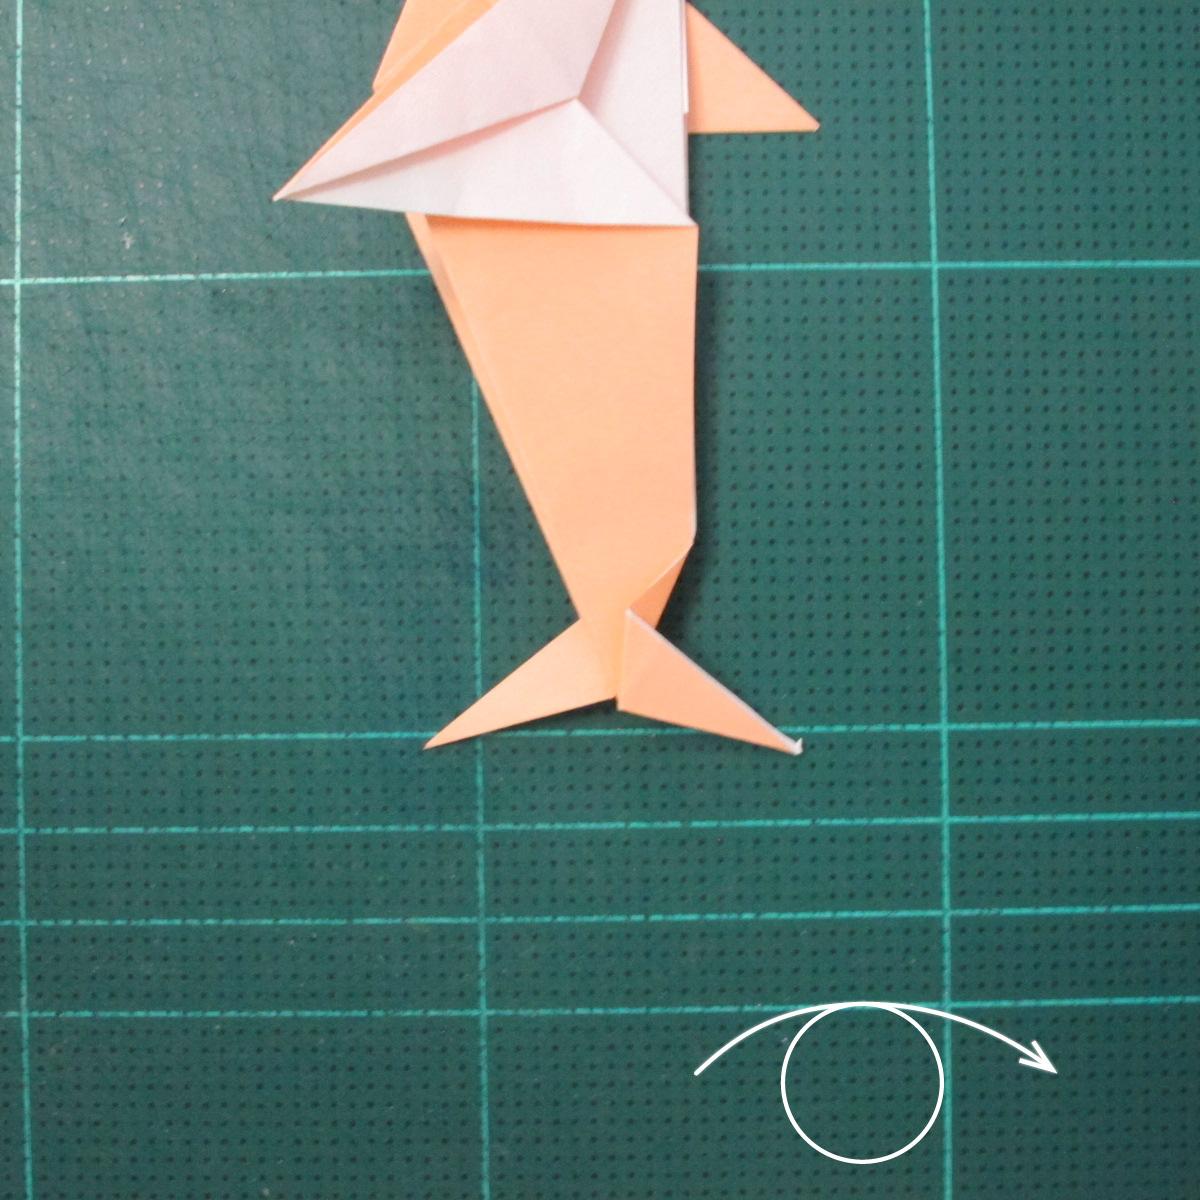 วิธีพับกระดาษเป็นรูปปลาโลมาแบบง่าย (Easy Origami Dolphin) 020